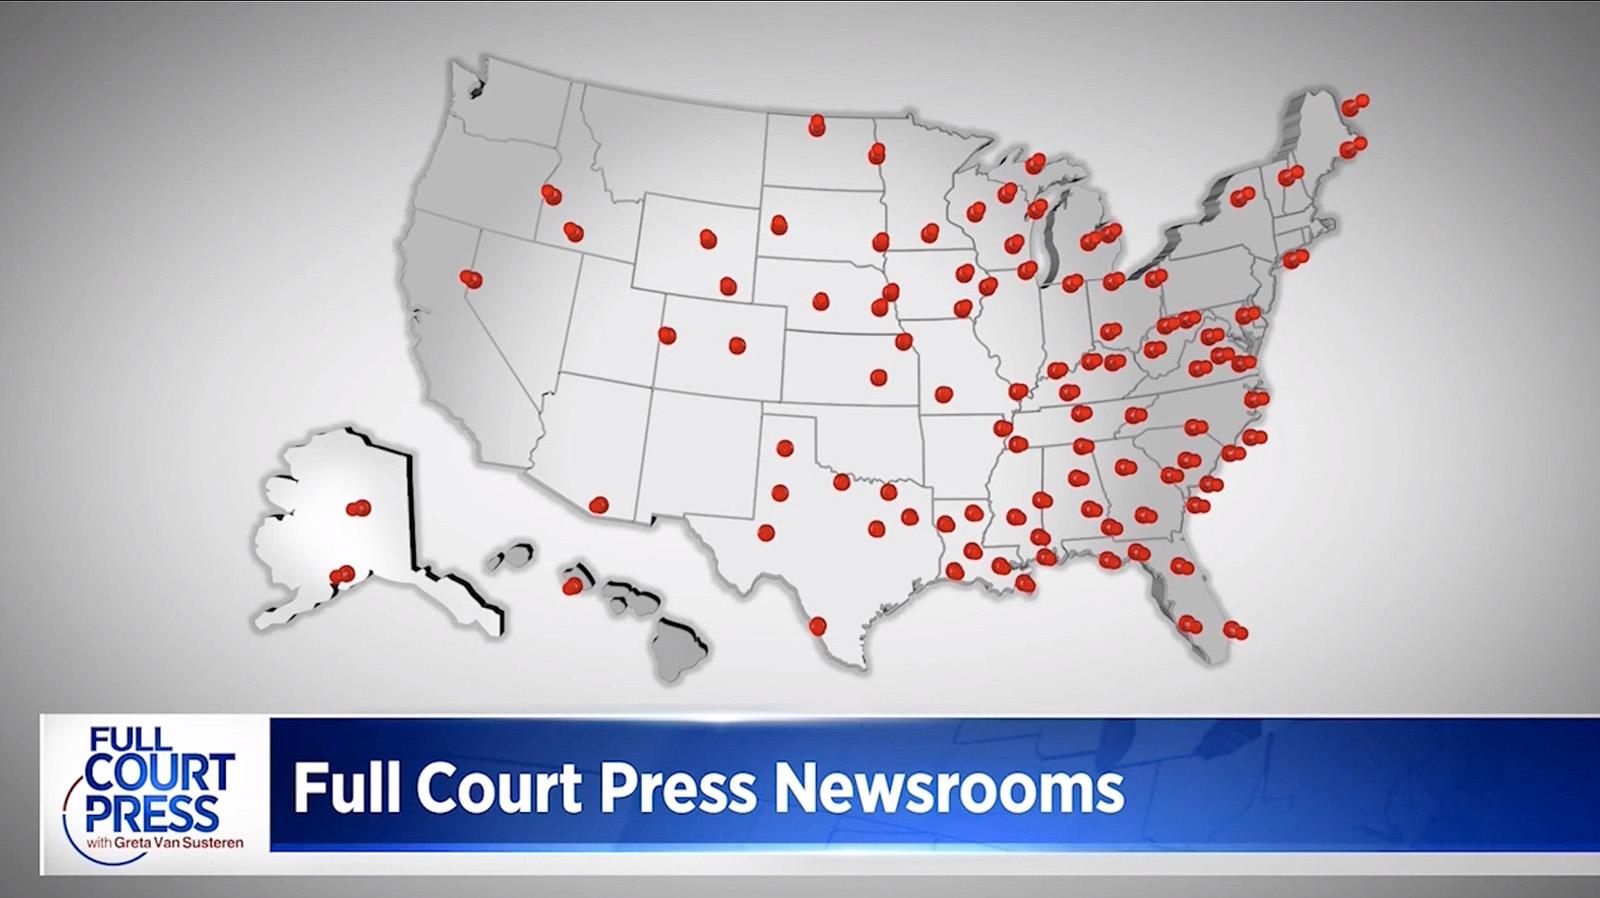 NCS_Full-Court-Press_Greta-Van-Susteren_012